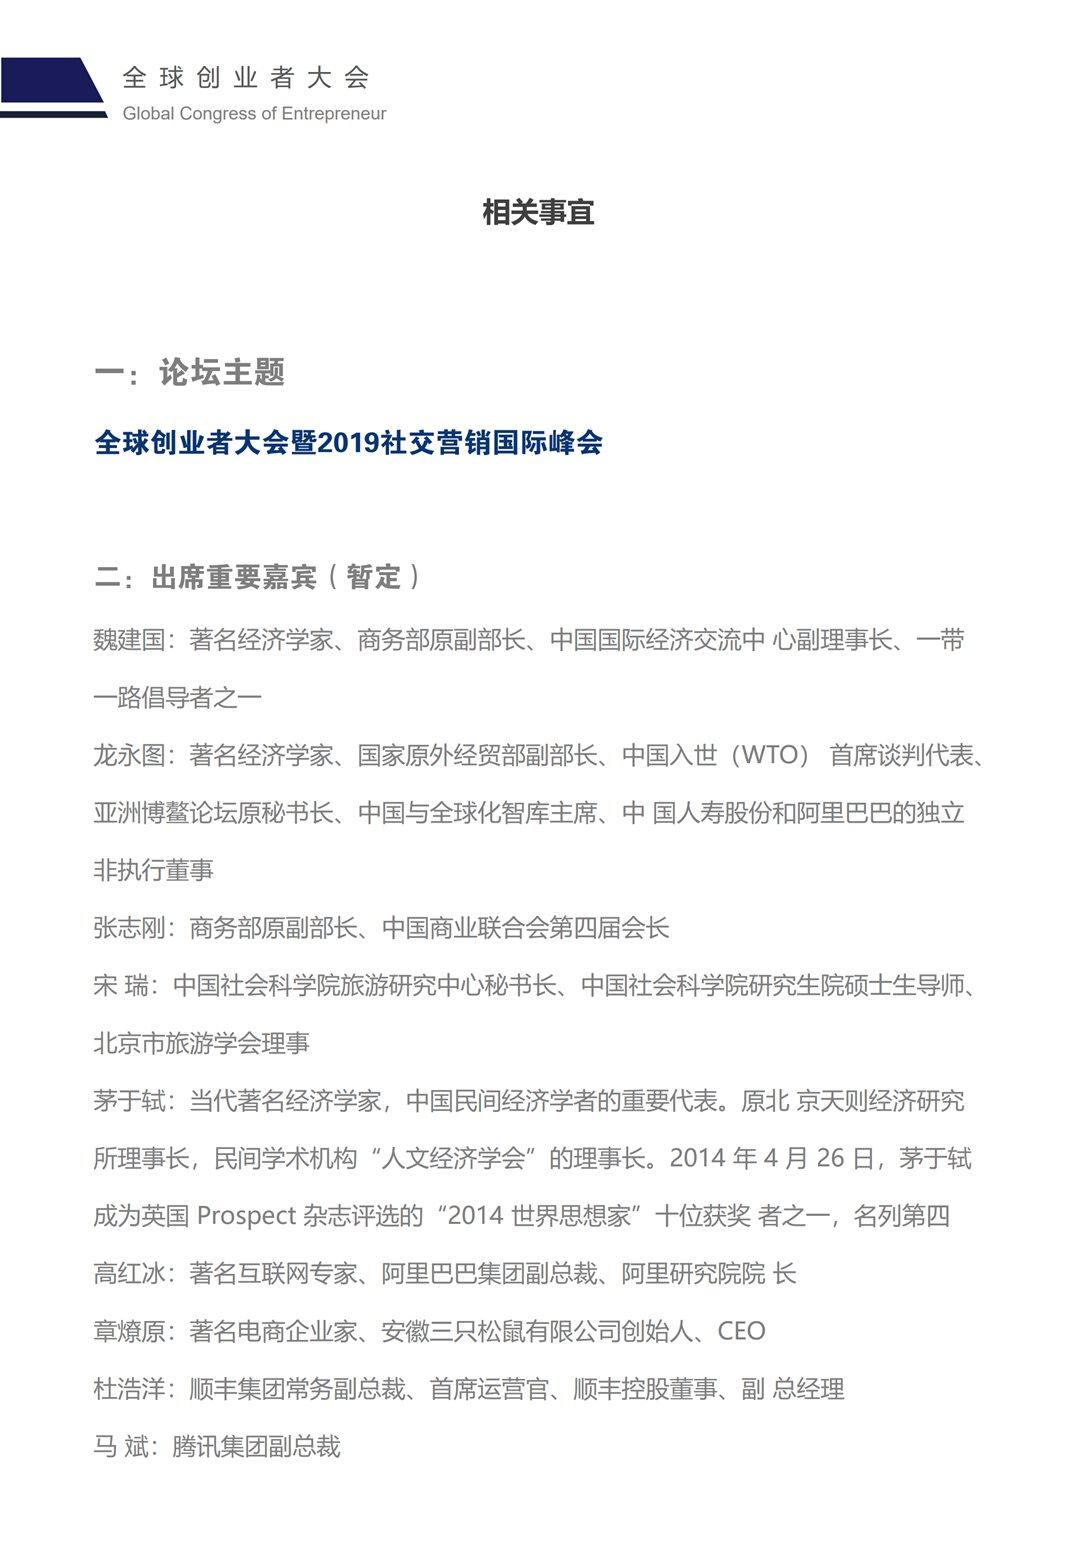 全球创新者大会-社交电商营销峰会(邀请函)_08.png